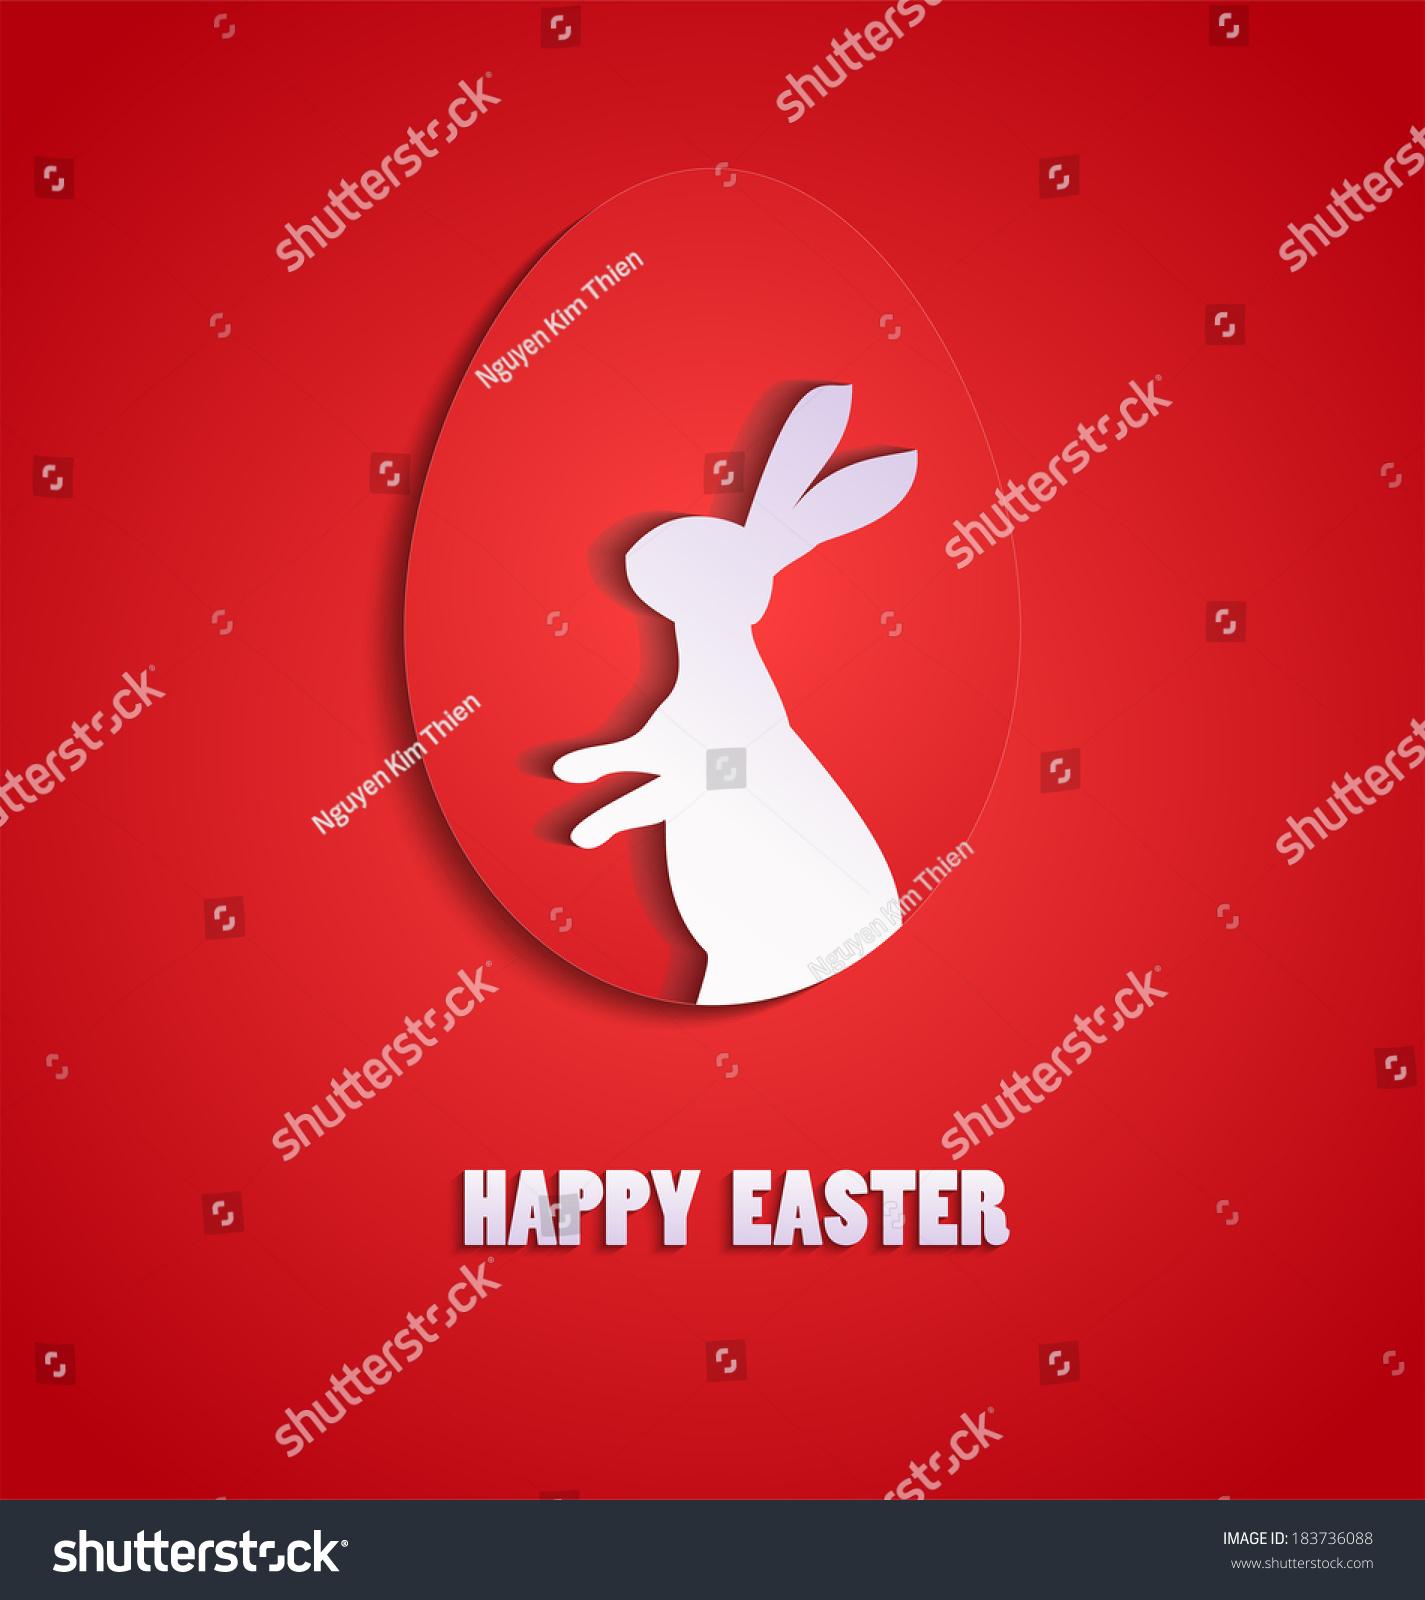 Happy Easter Stock Vector 183736088 - Shutterstock